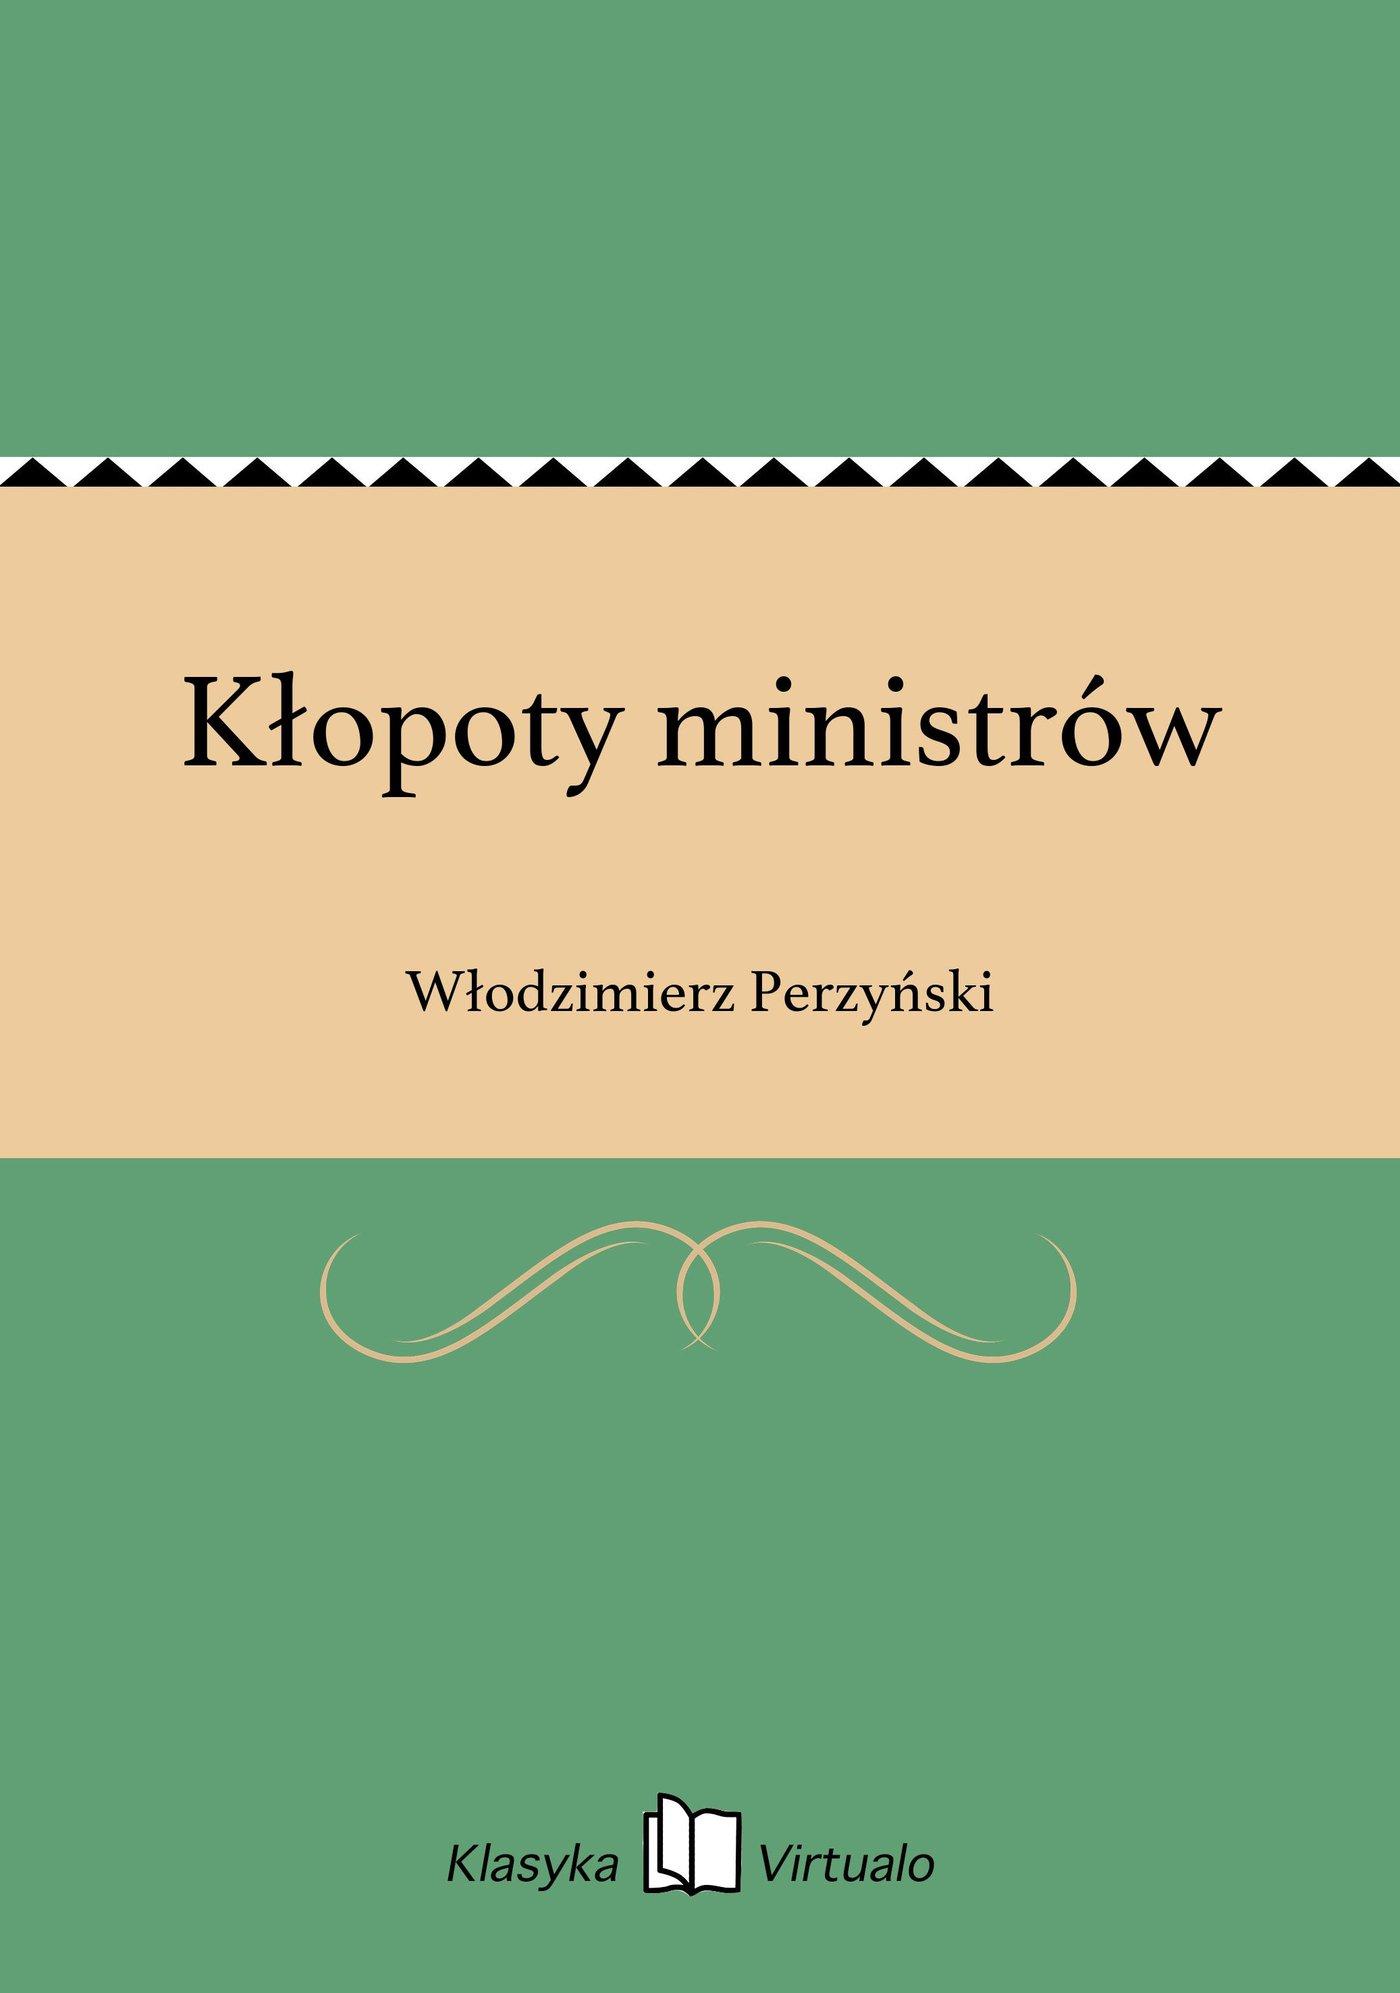 Kłopoty ministrów - Ebook (Książka EPUB) do pobrania w formacie EPUB